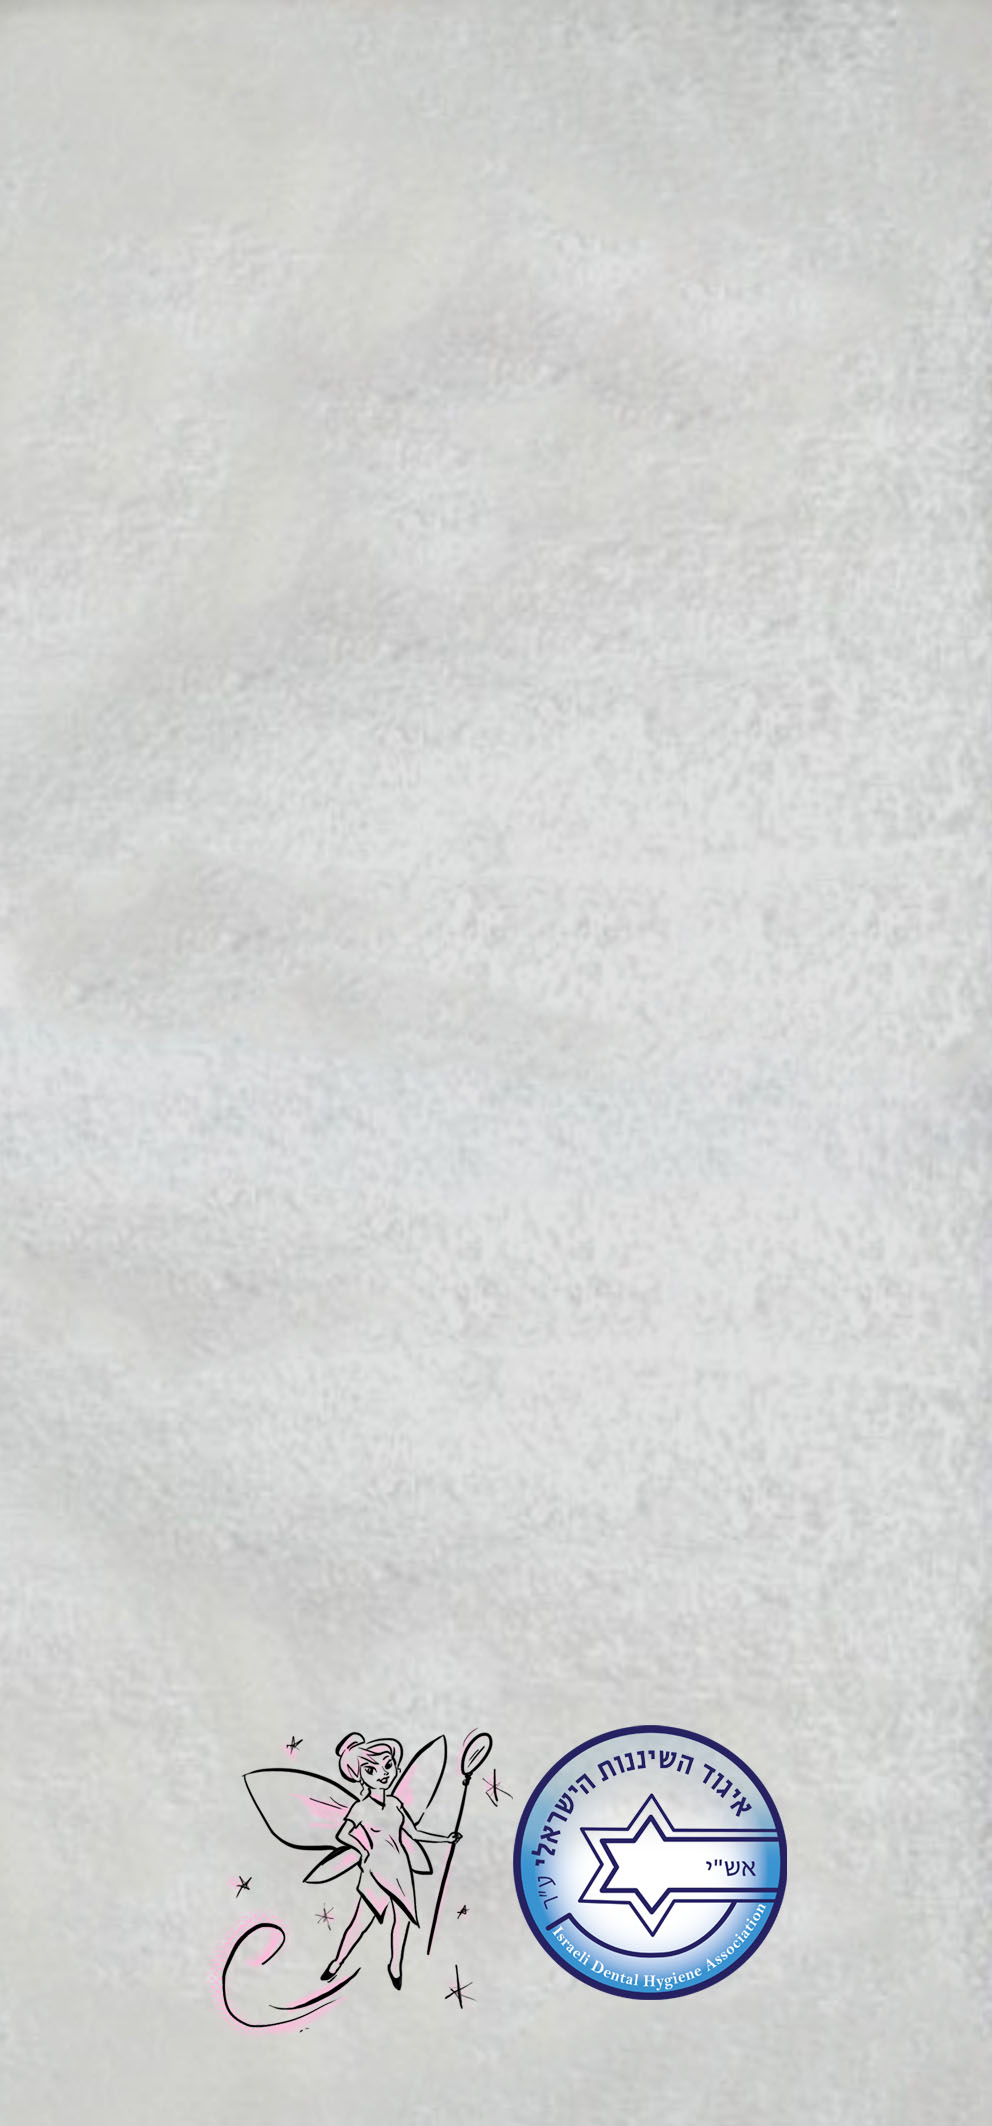 מגבות מיקרופייבר | מגבת פנים